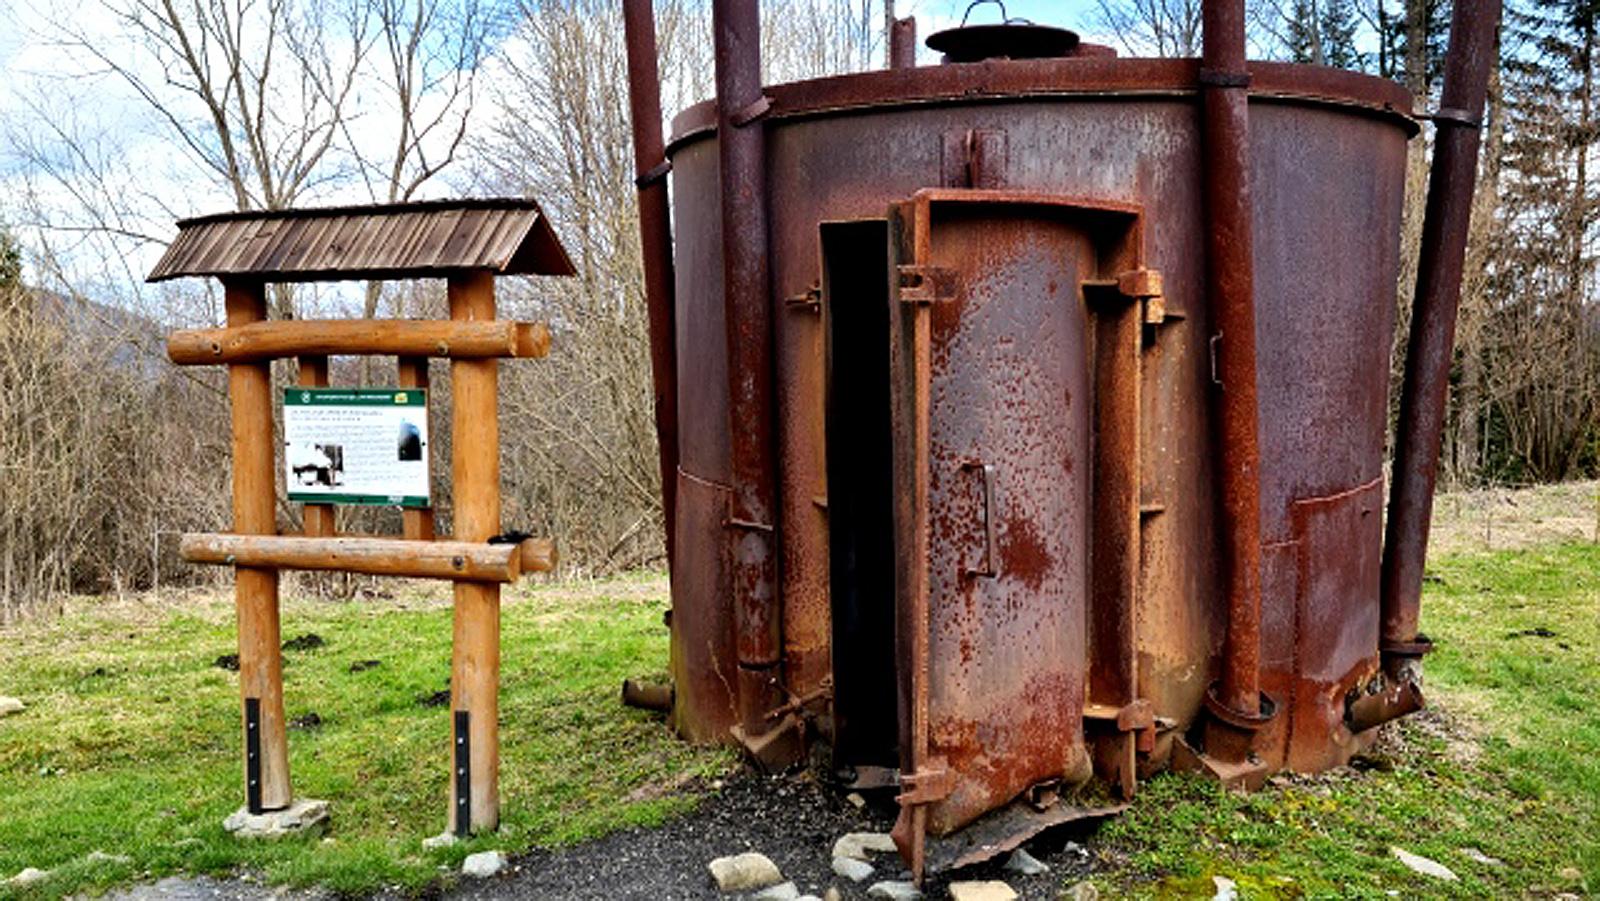 Podkarpacie: 10 miejsc, które warto odwiedzić w Bieszczadach [ZDJĘCIA] - Zdjęcie główne